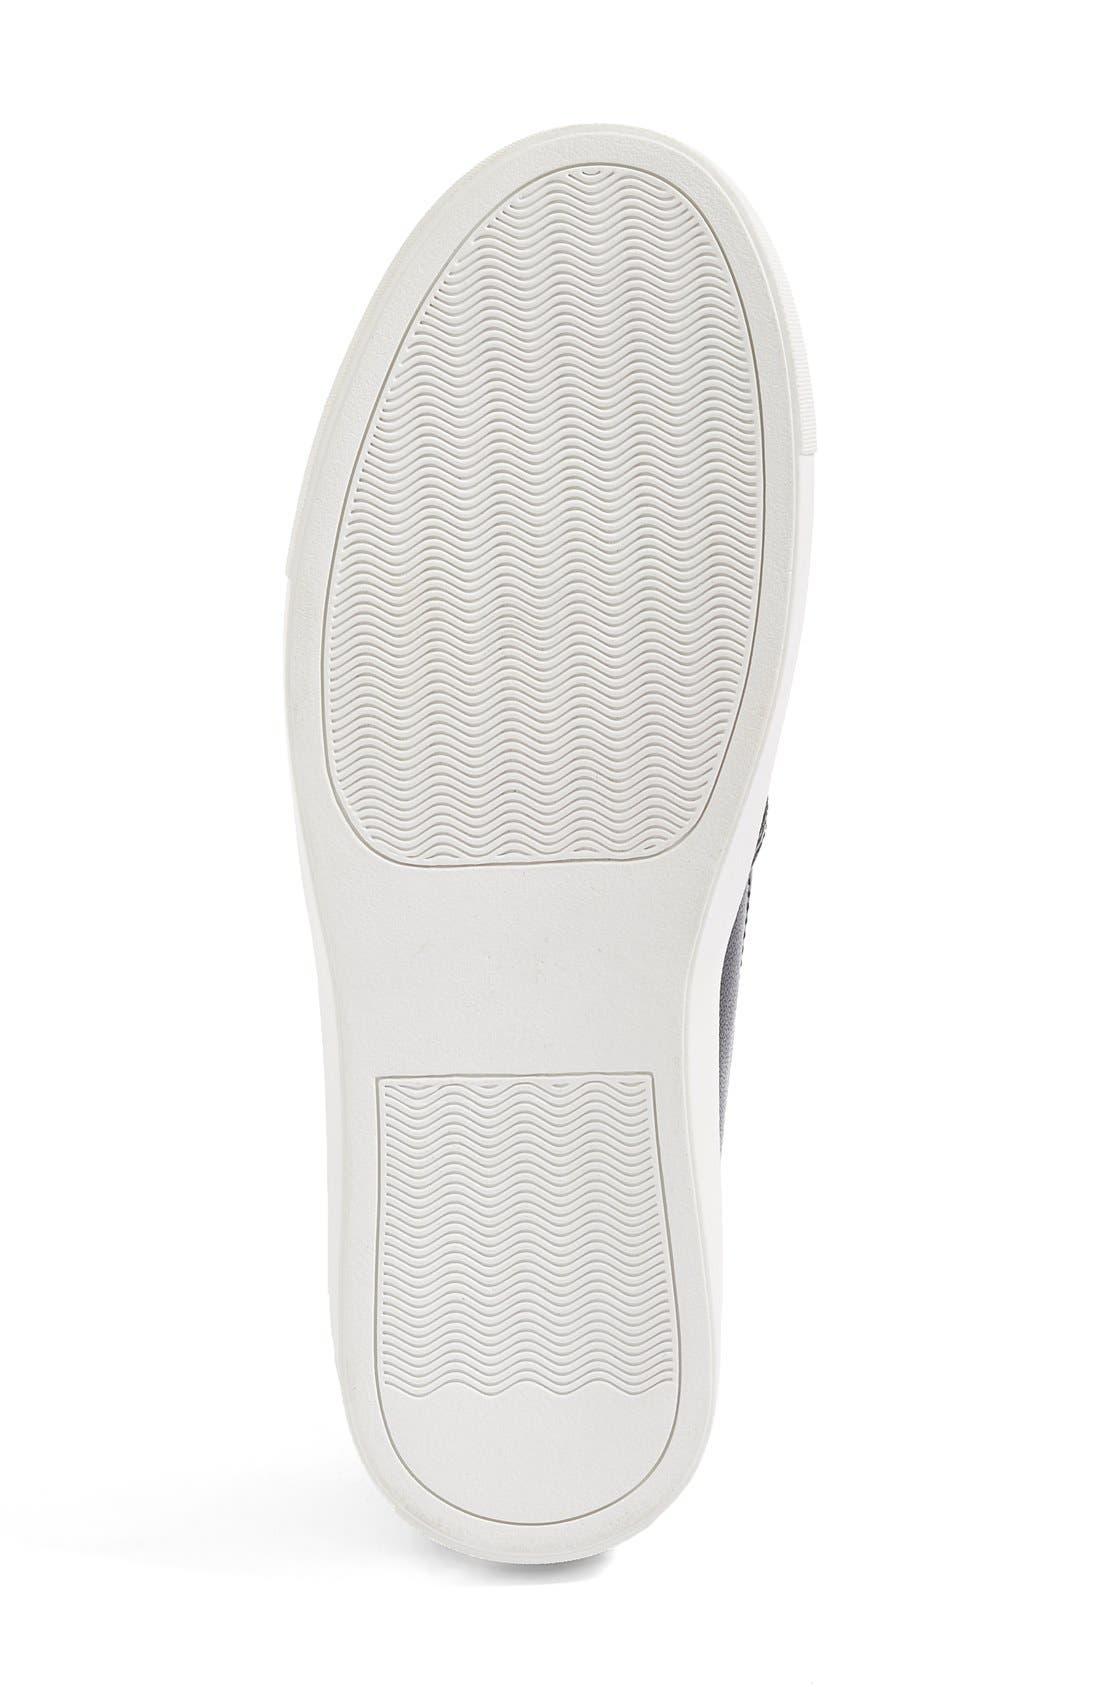 Eden Perforated Slip-On Sneaker,                             Alternate thumbnail 5, color,                             001